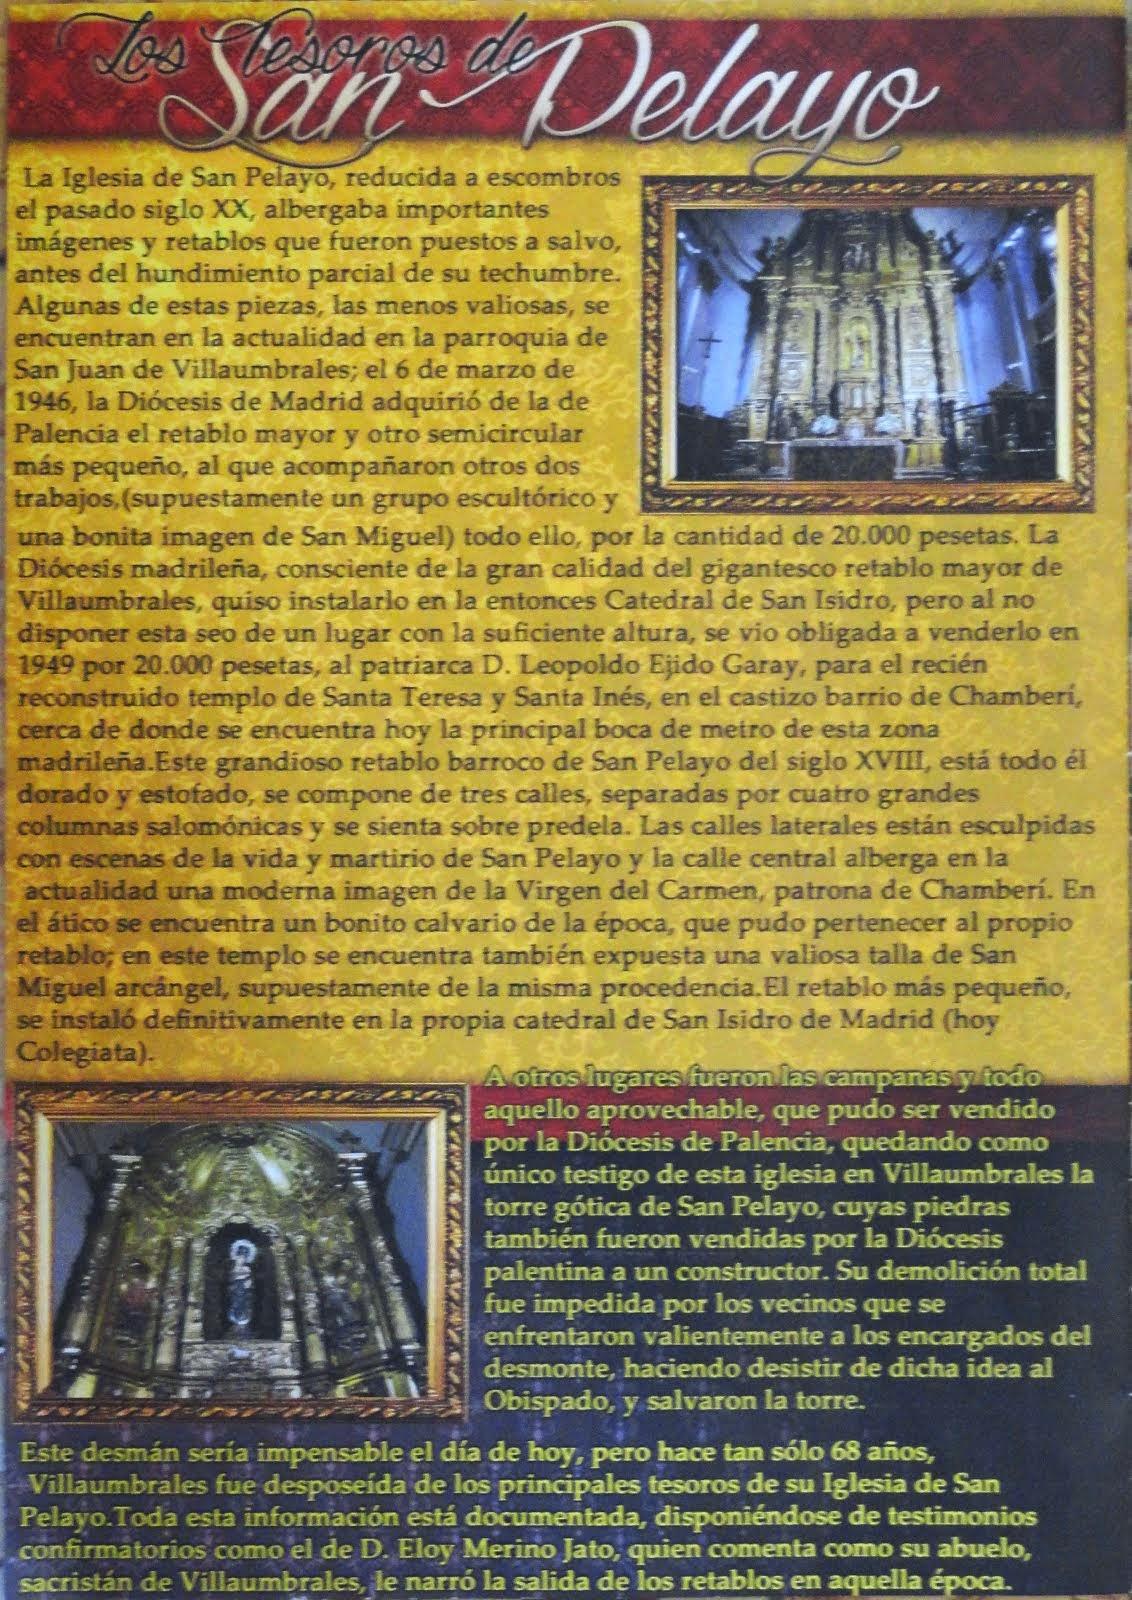 Los tesoros de la iglesia de San Pelayo